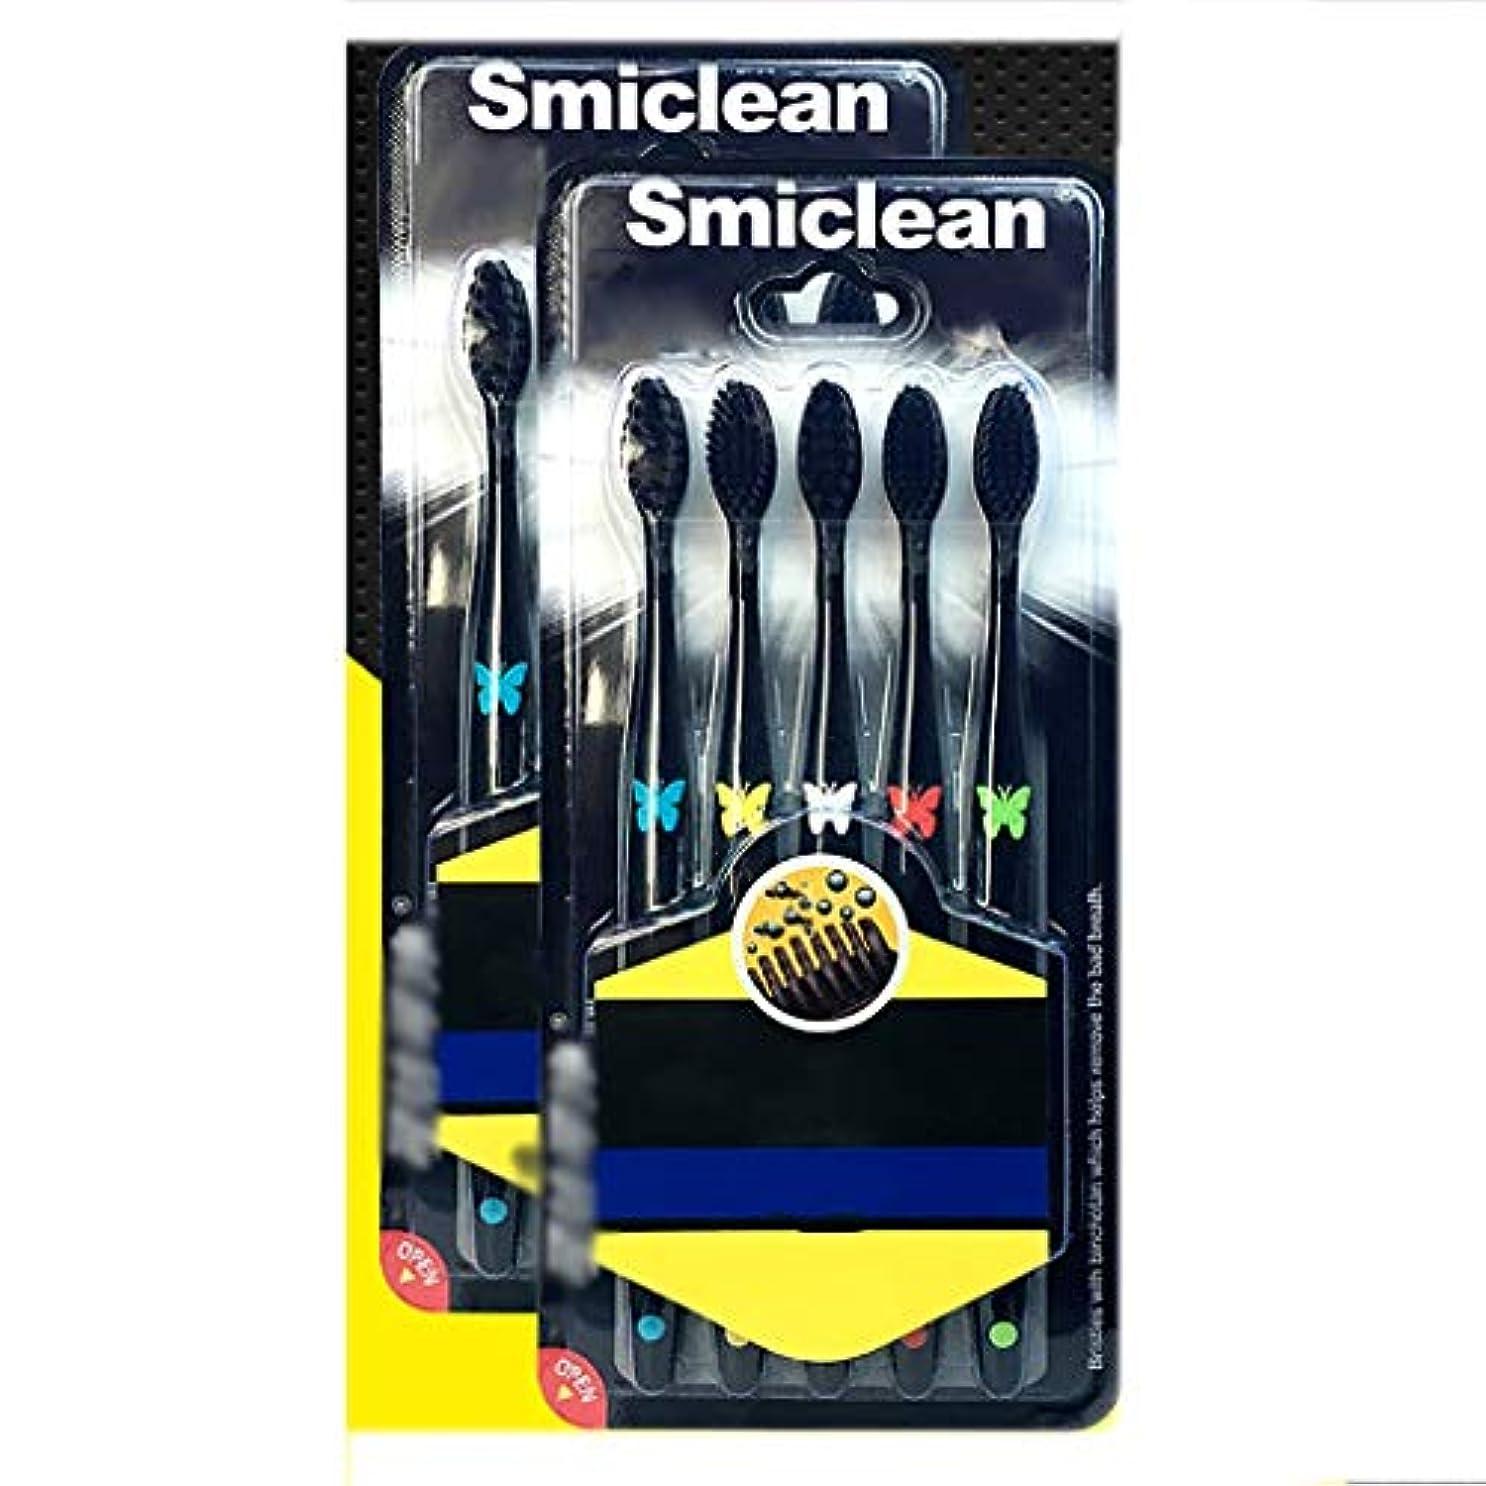 ワイプアラバマ前提条件柔らかく、小さいヘッド歯ブラシ、大人のタケ木炭旅行家10の棒